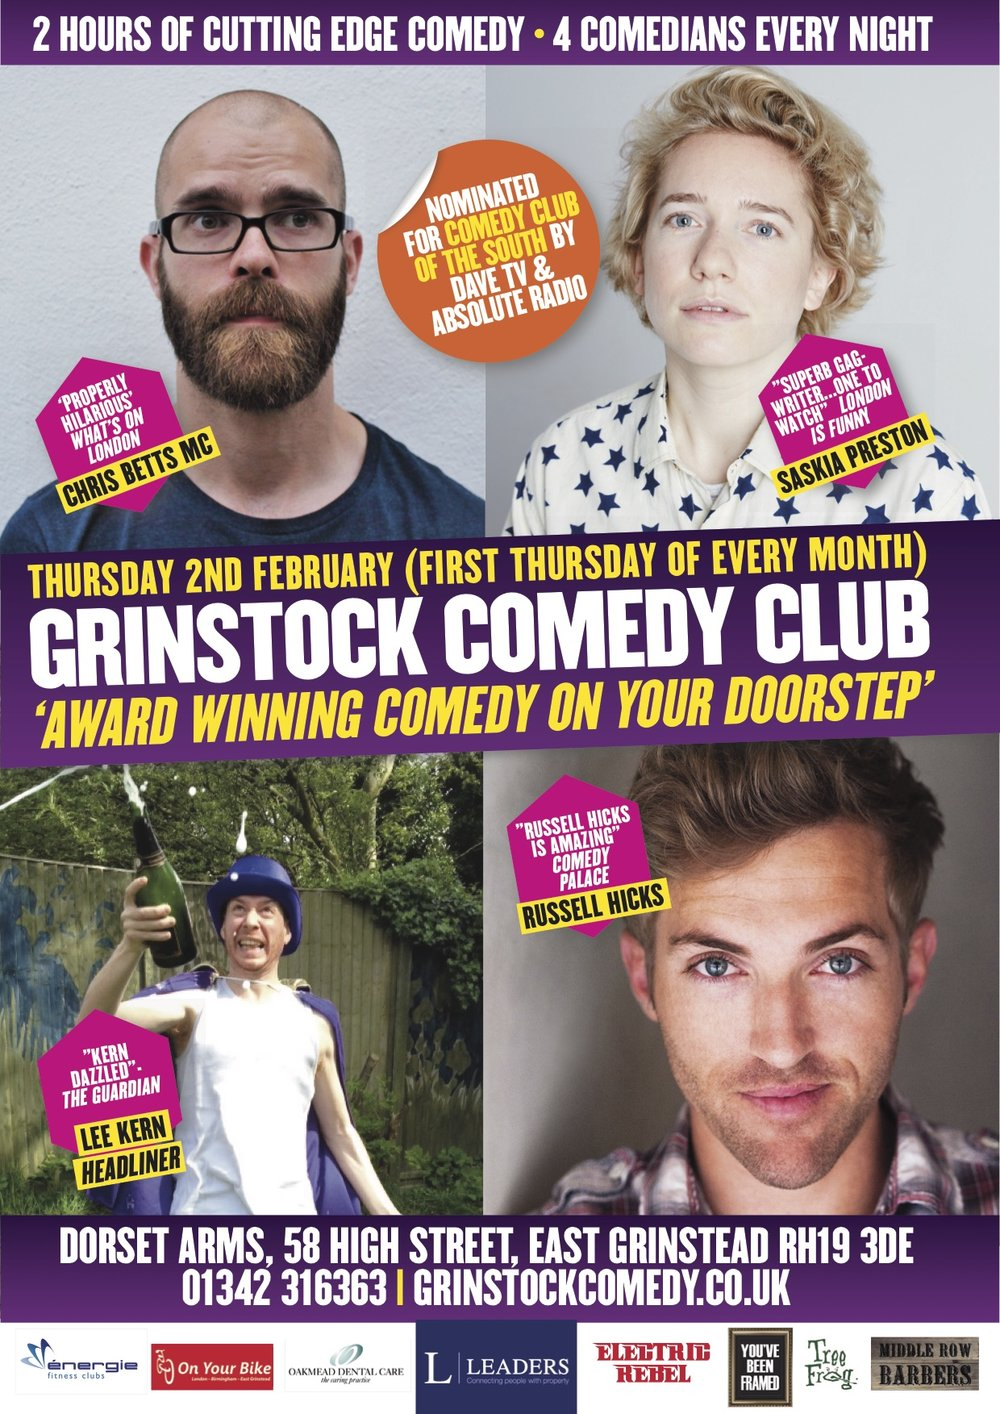 grinstock-comedy-february-2017.jpg